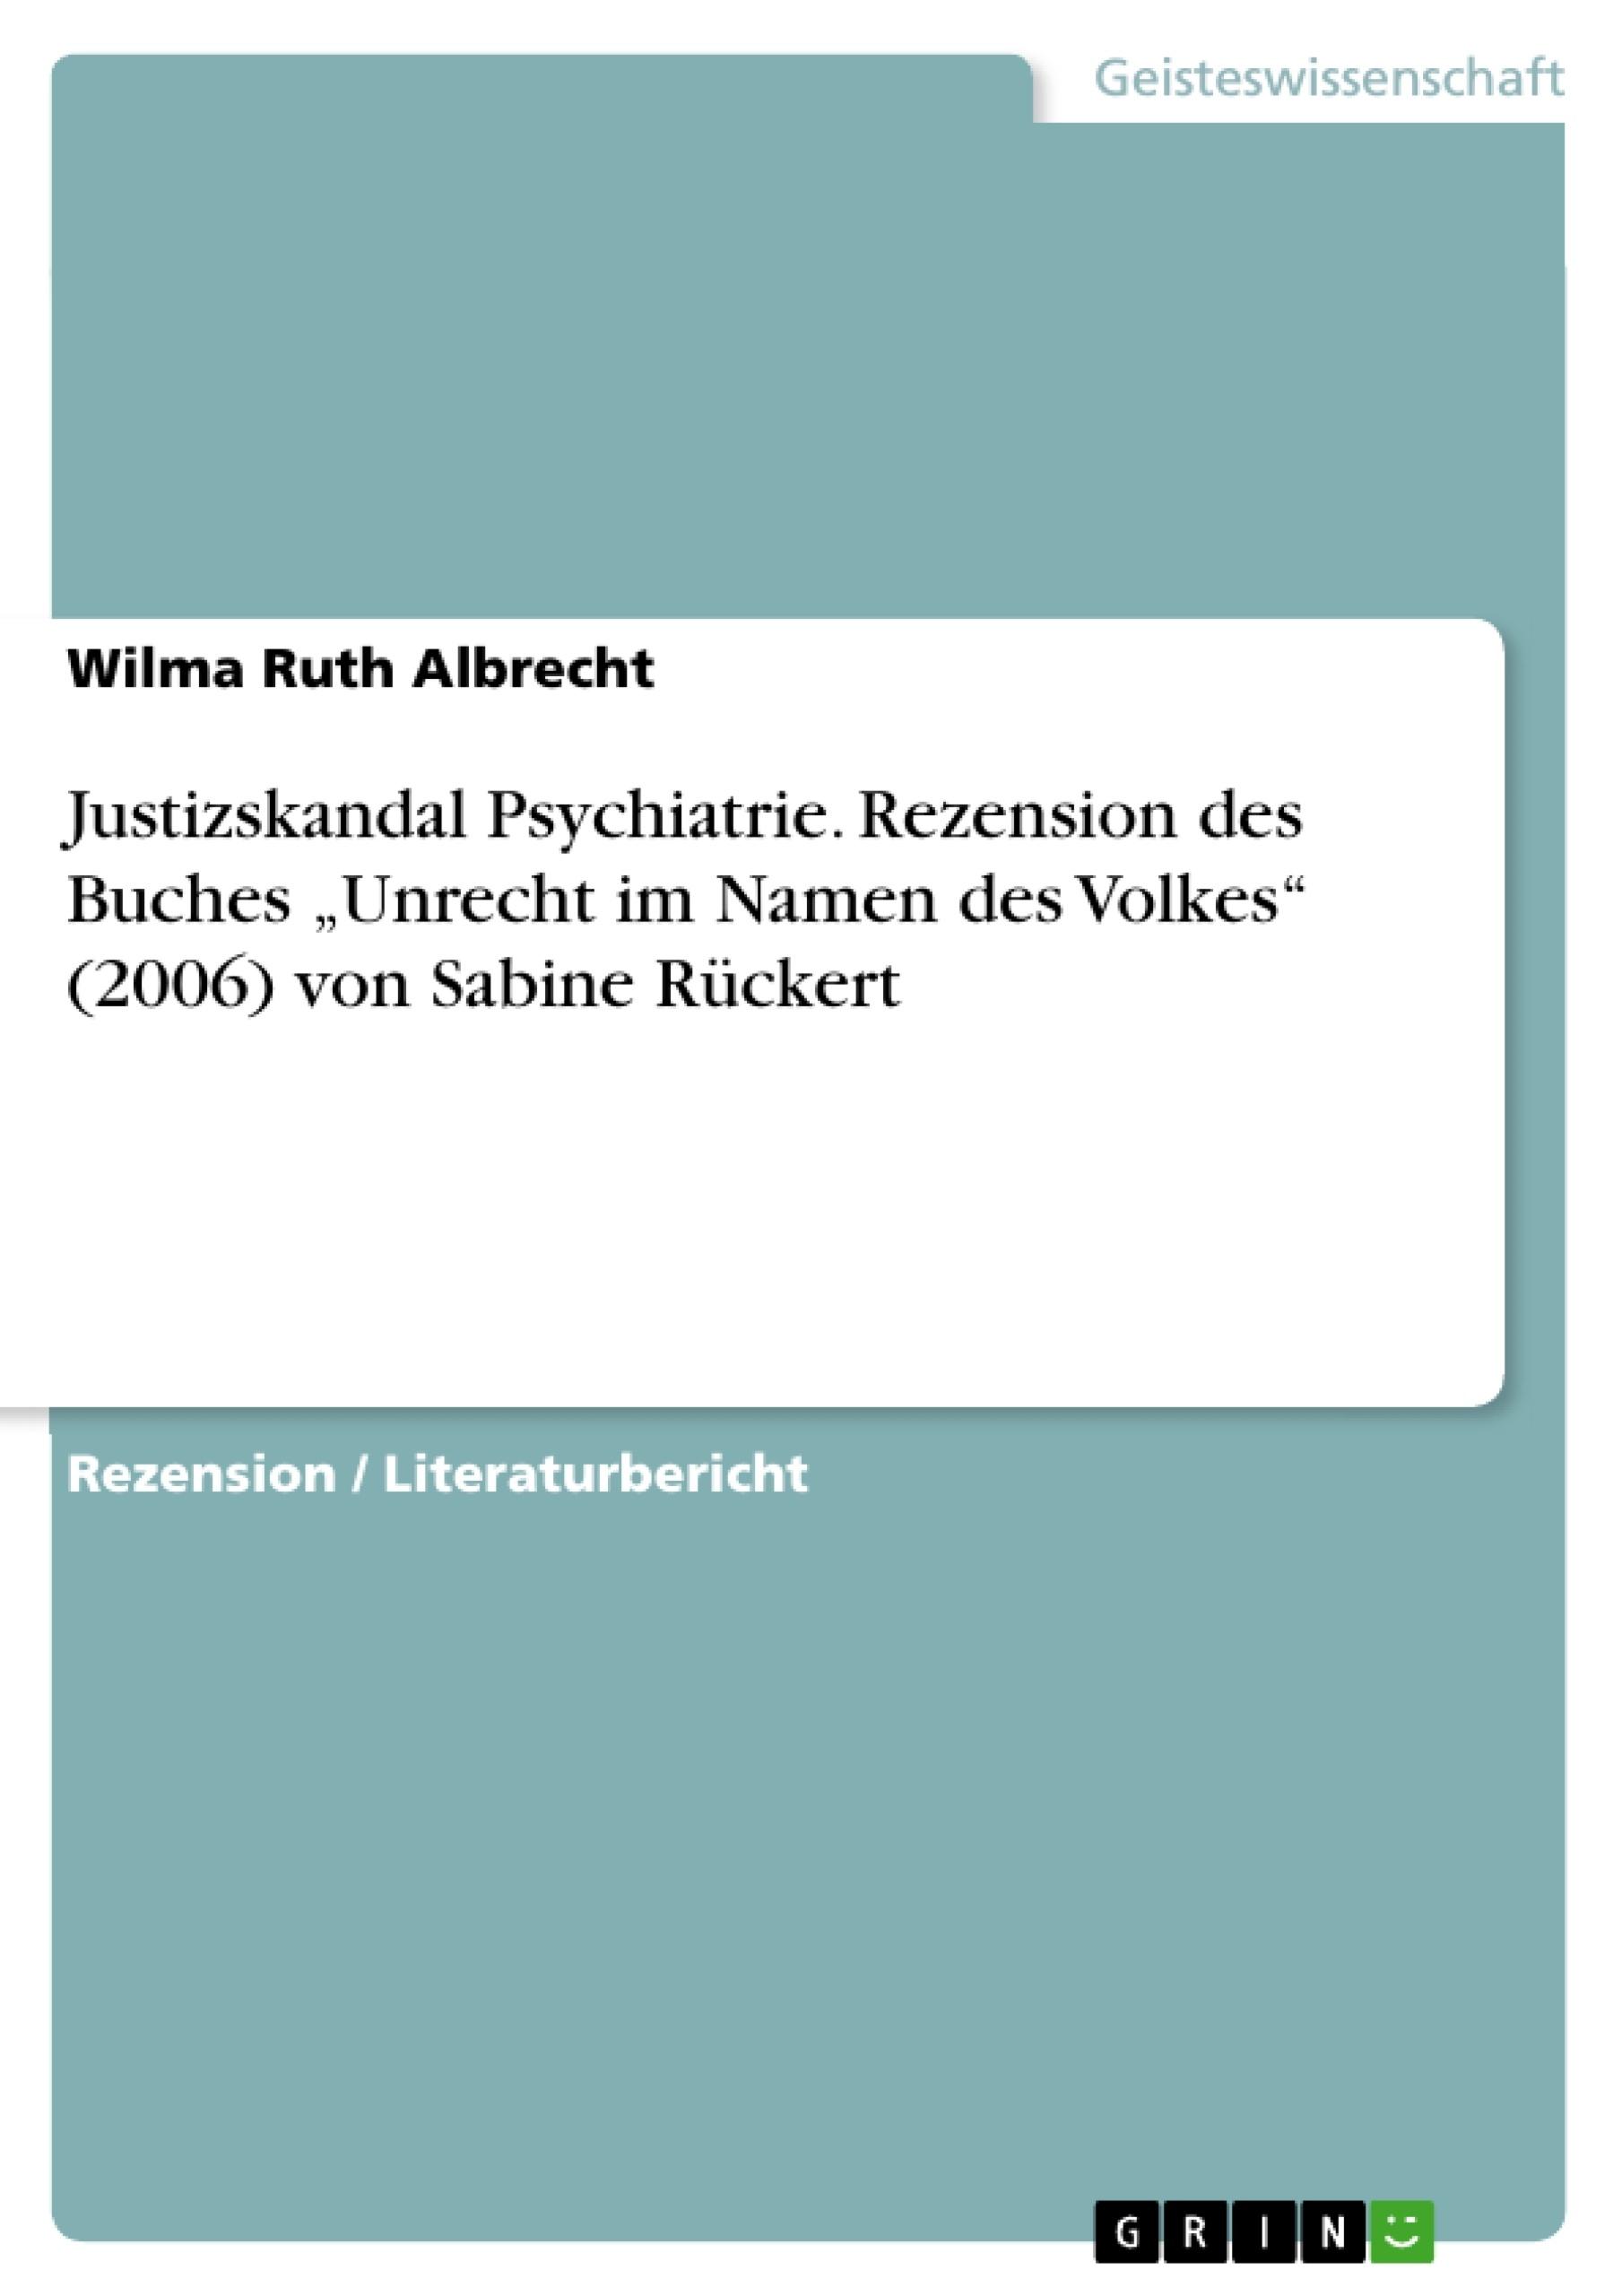 """Titel: Justizskandal Psychiatrie. Rezension des  Buches """"Unrecht im Namen des Volkes"""" (2006) von Sabine Rückert"""